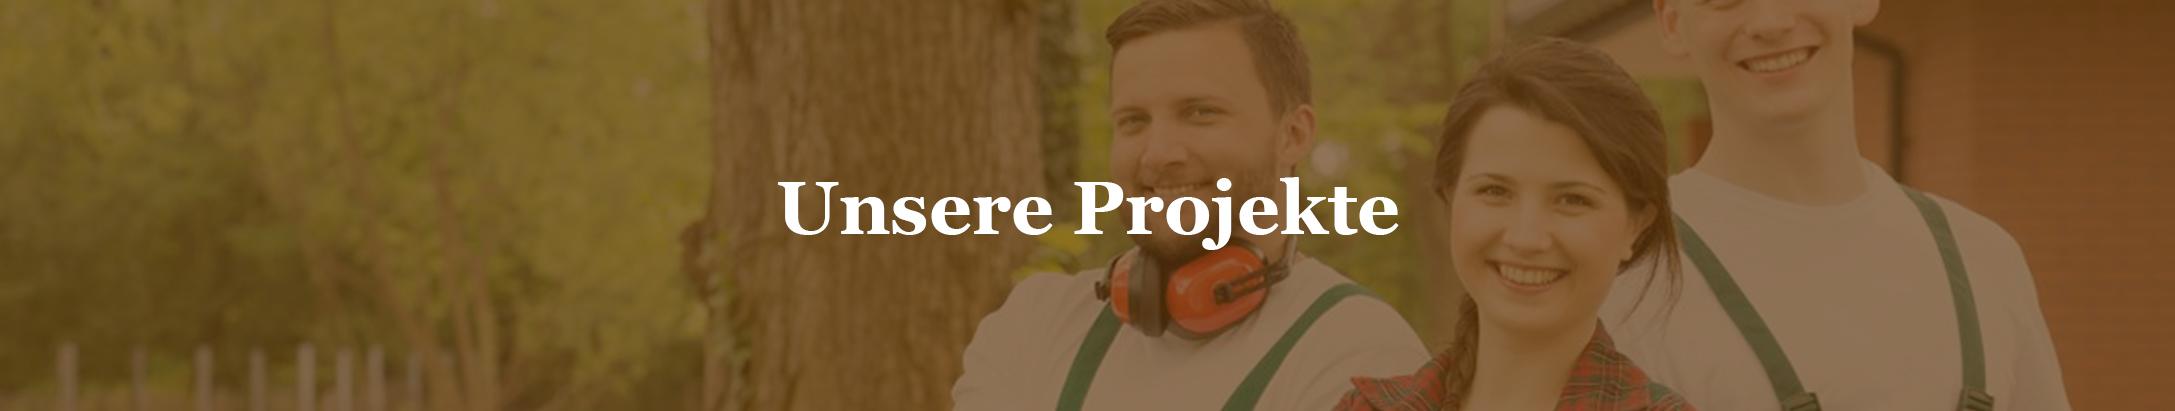 header_projekte